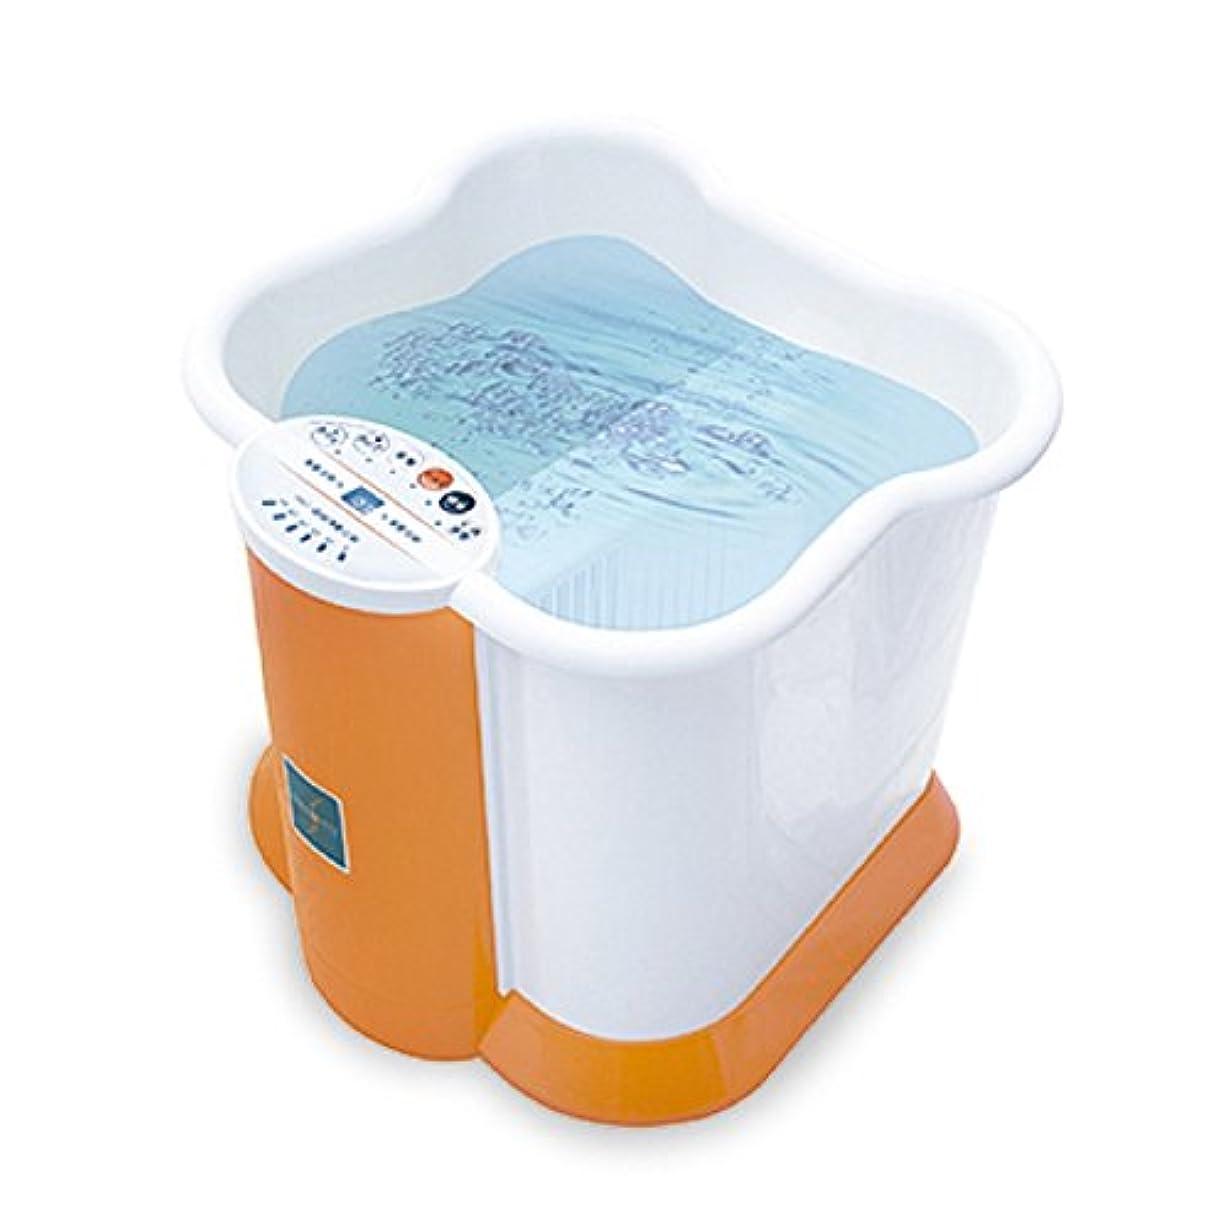 船尾木材国内の深型 足湯 フットバス Ashiyu foot Spa KS-N1010 保温 バブル